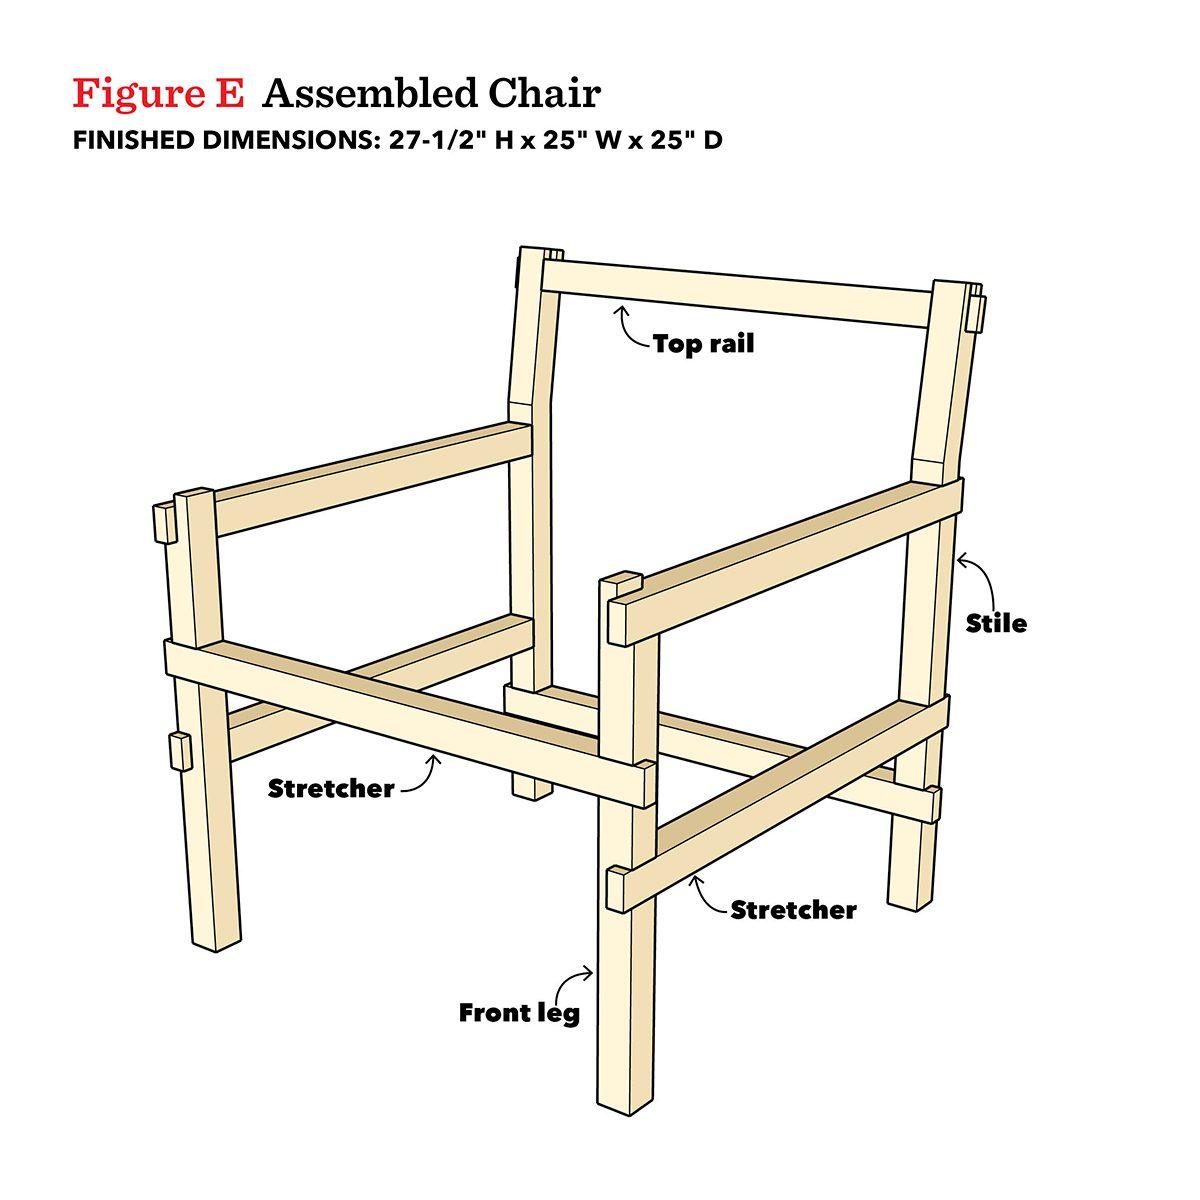 Assembled chair tech art Fh21mar 608 50 Ta01 Assembled